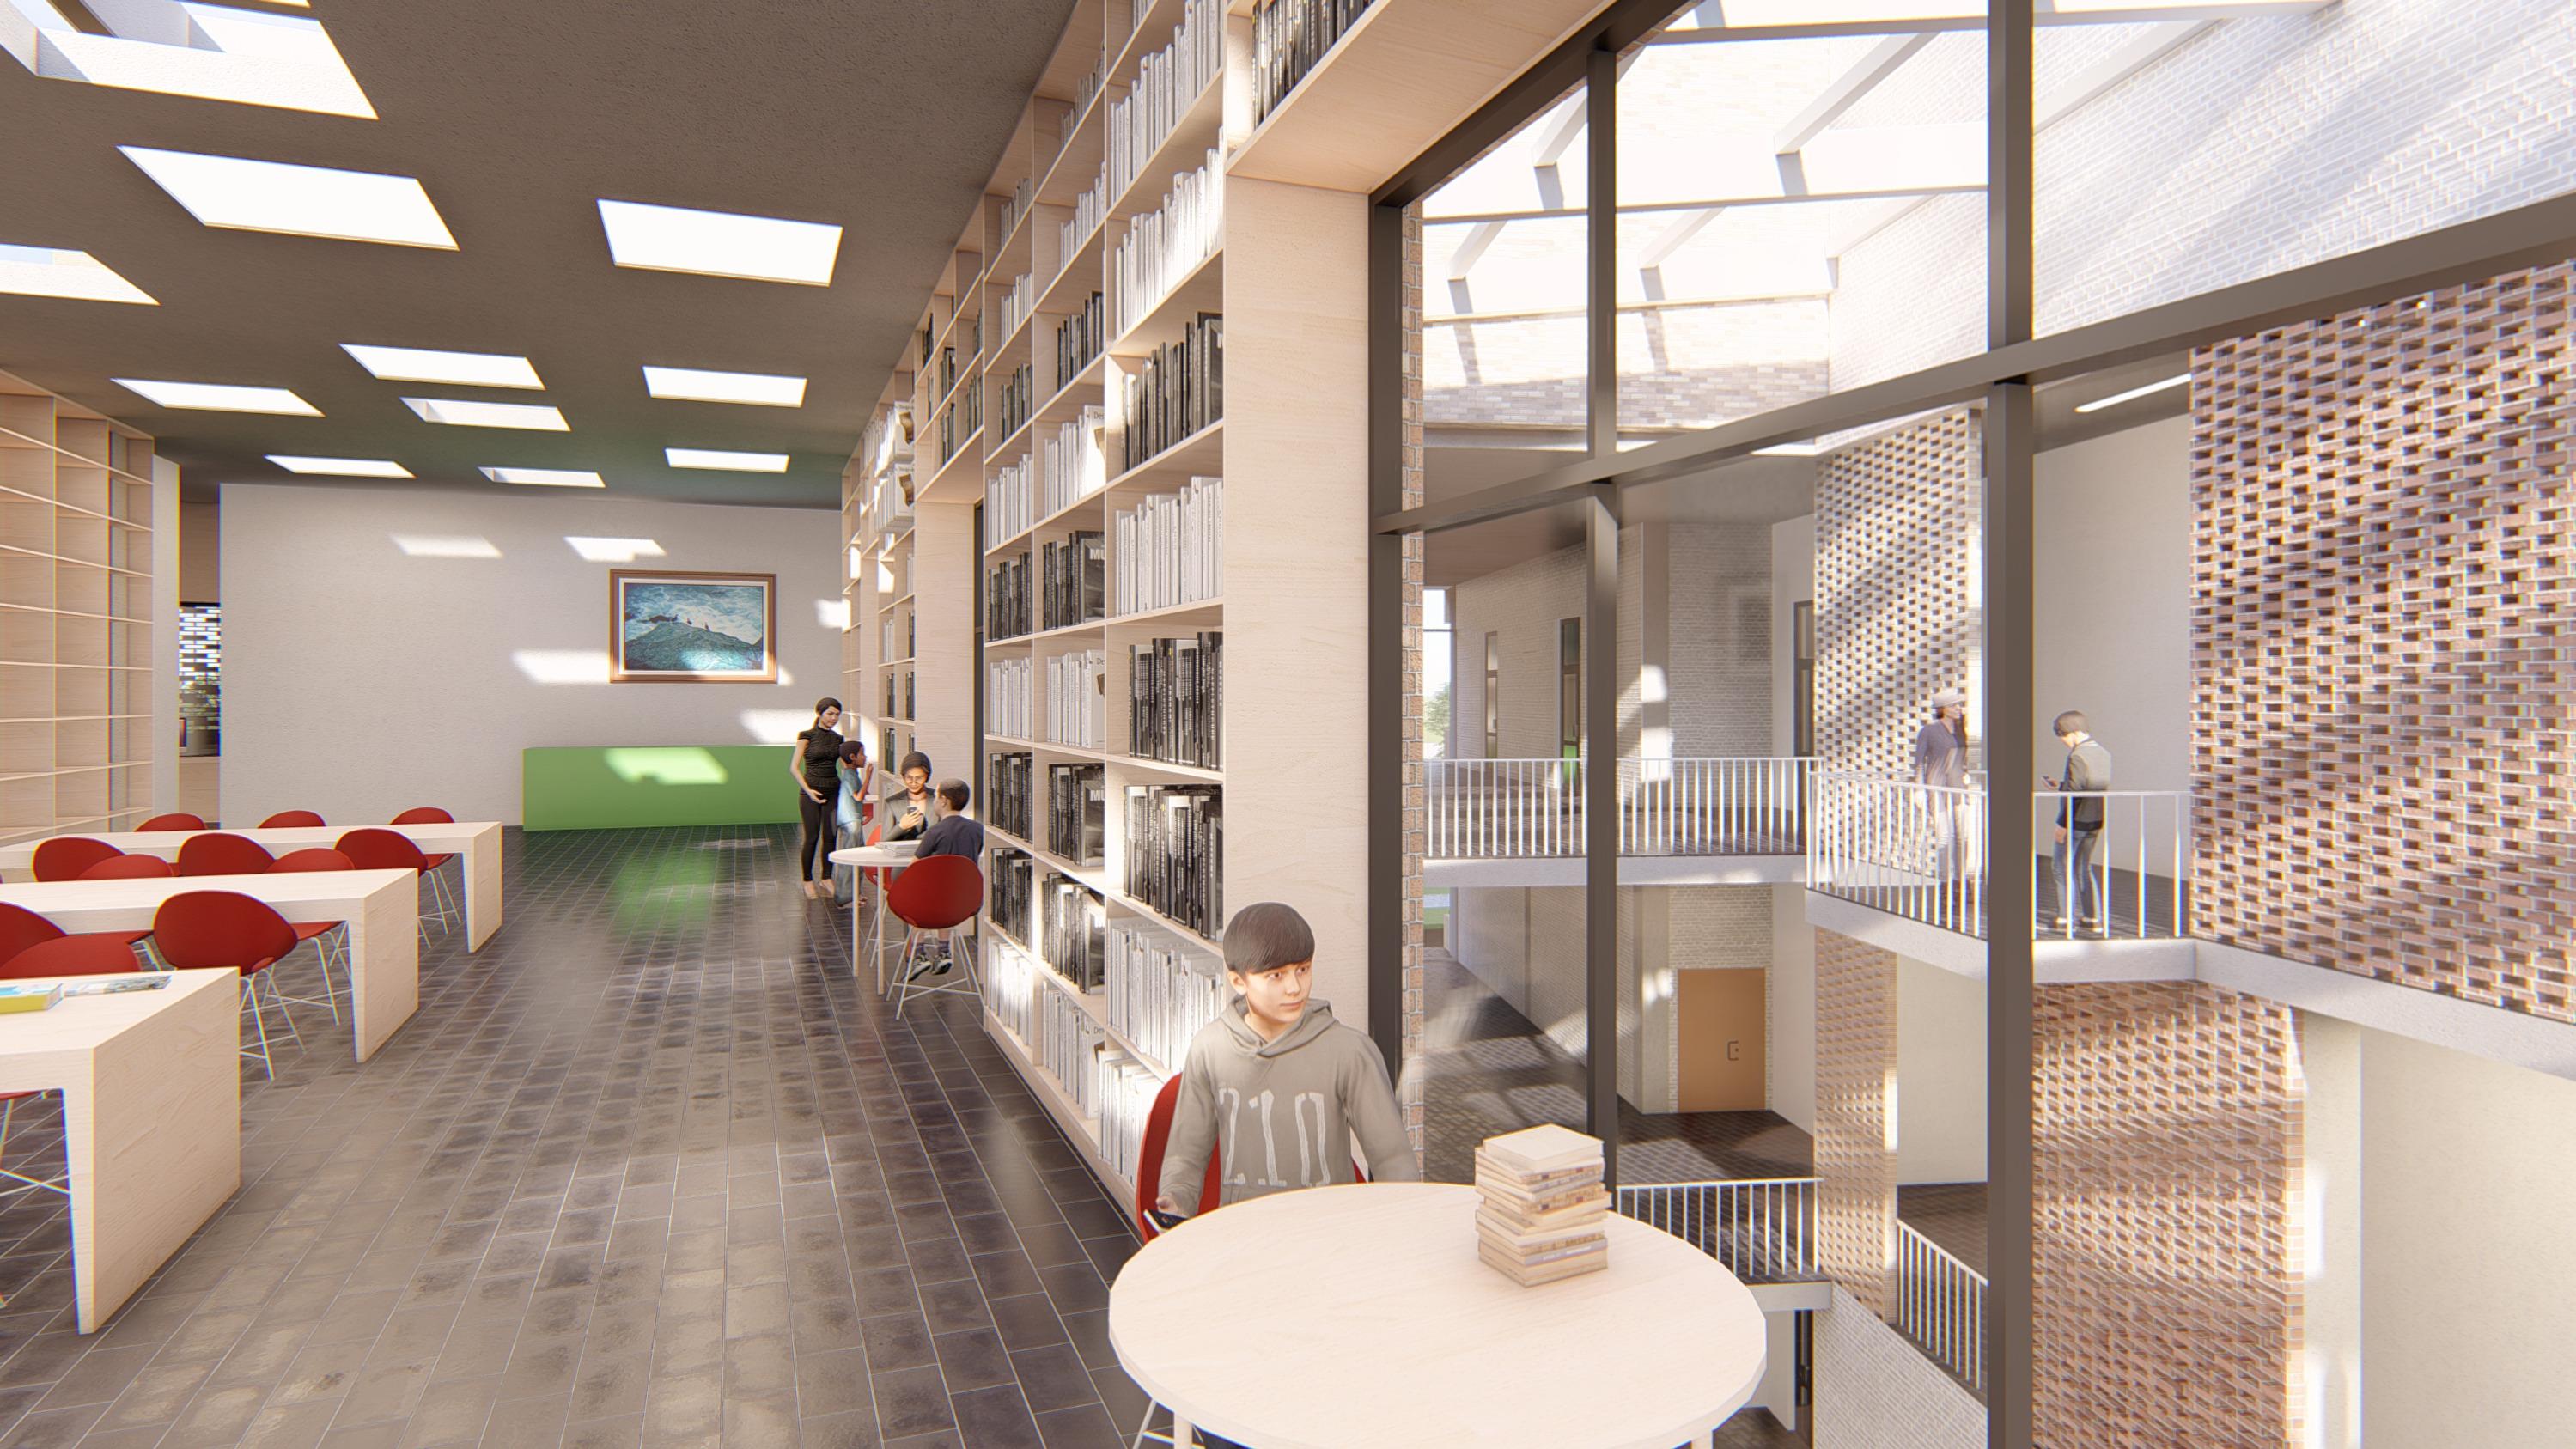 Интерьер библиотеки с видом на атриумное пространство